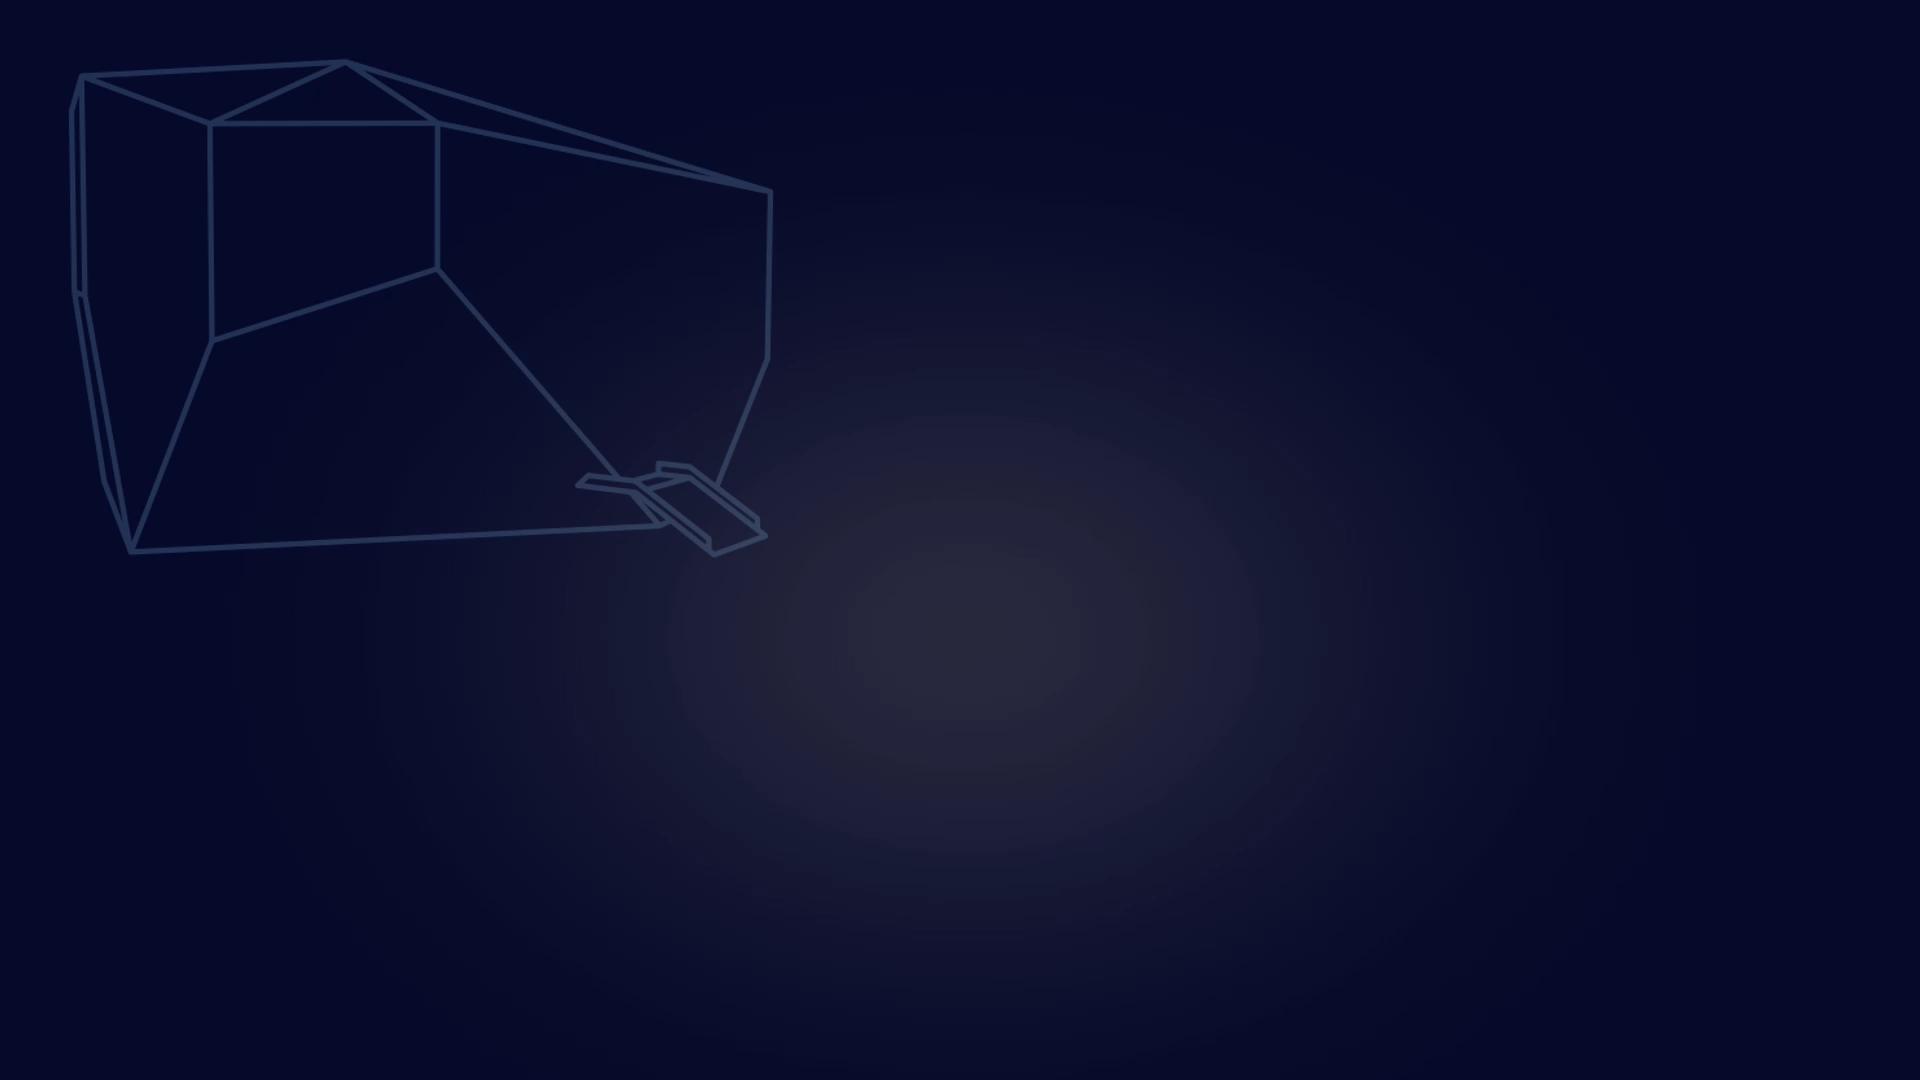 METAGYM by exbody (메타버스 기반 초실감형 홈트레이닝) 대표 이미지